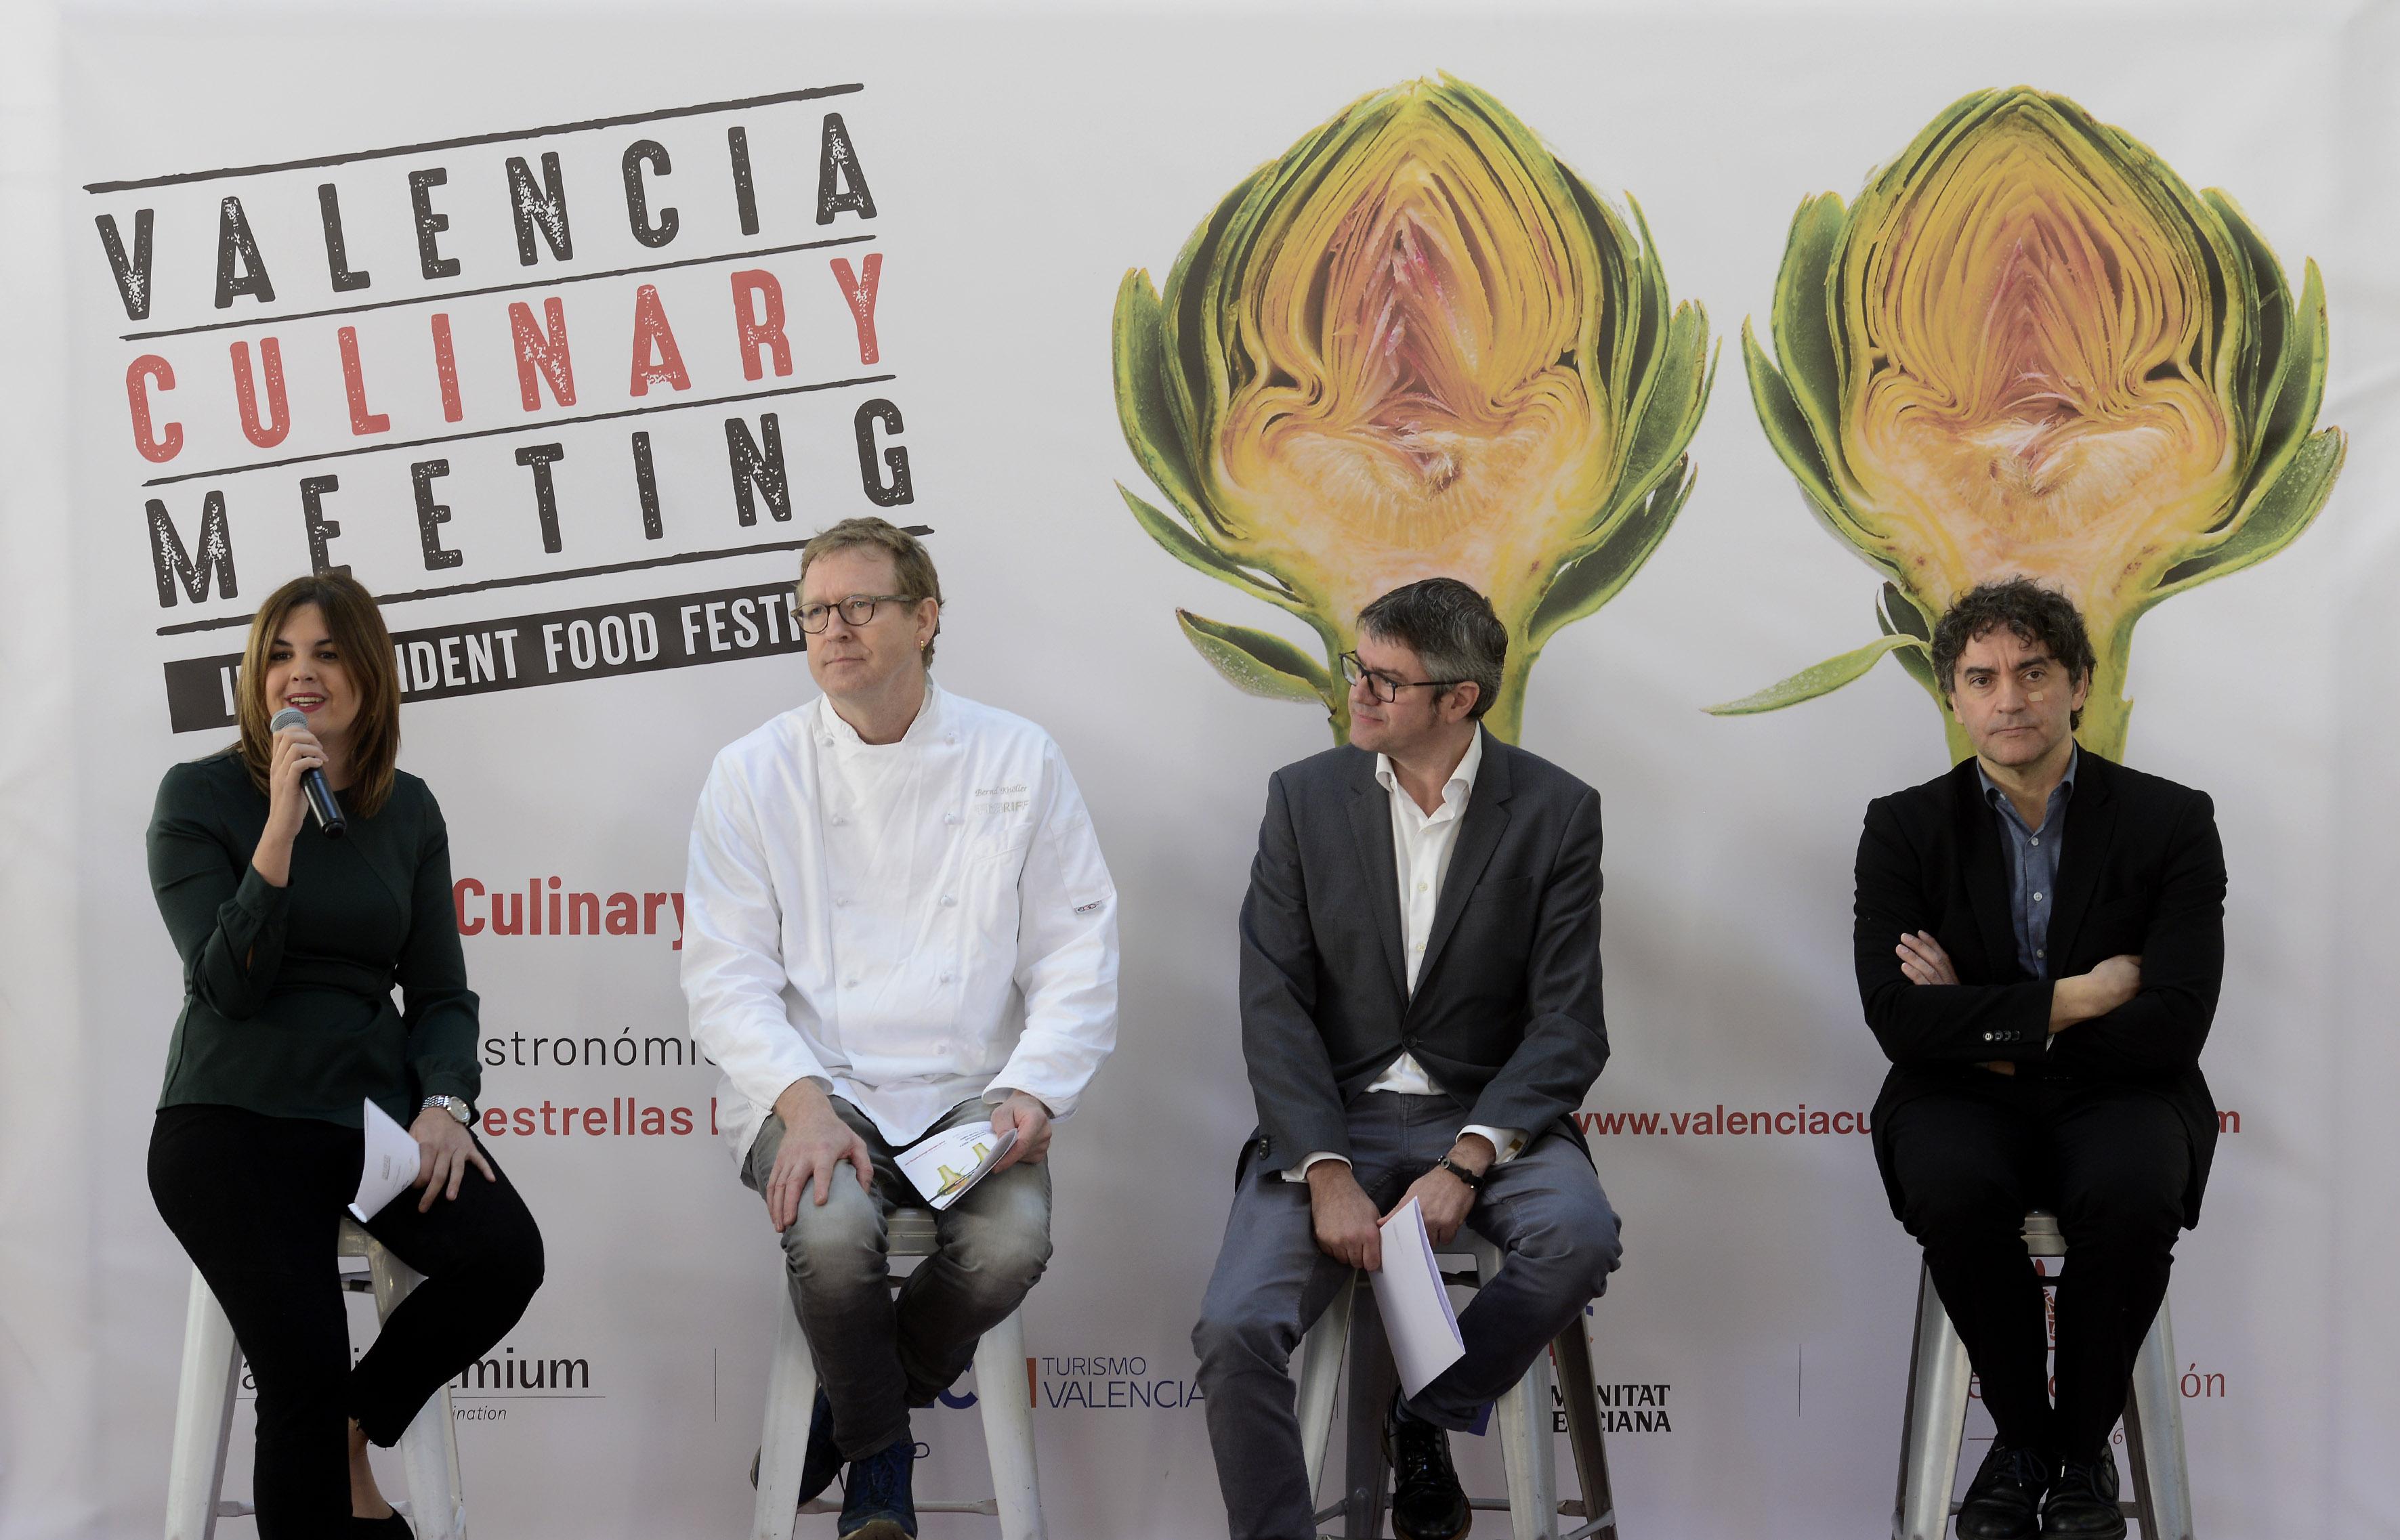 Presentación de Valencia Culinary Meeting